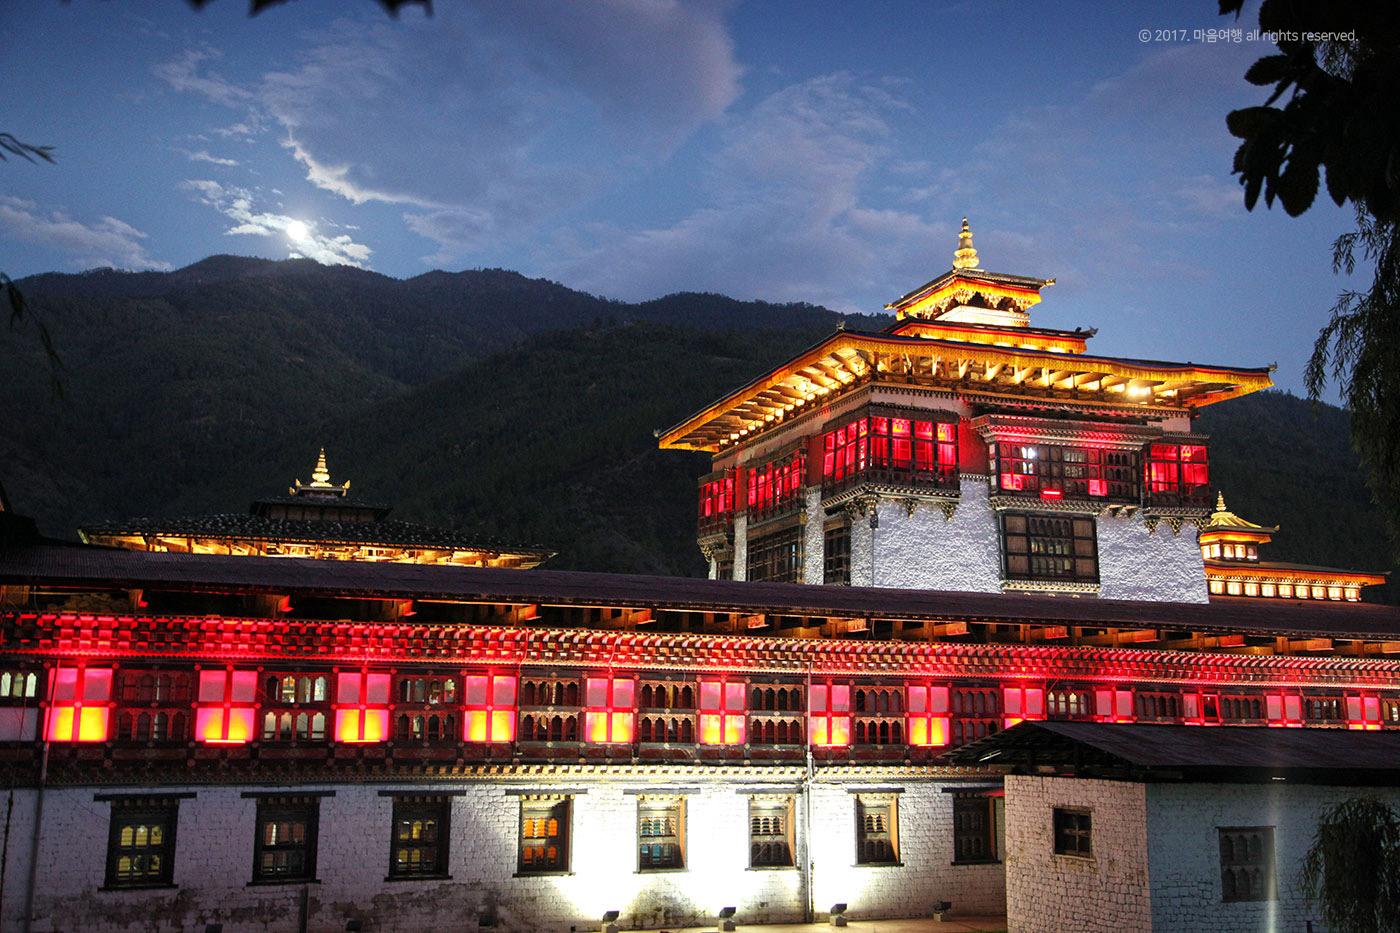 부탄의 정부청사이자 왕궁사원인 타시초 종